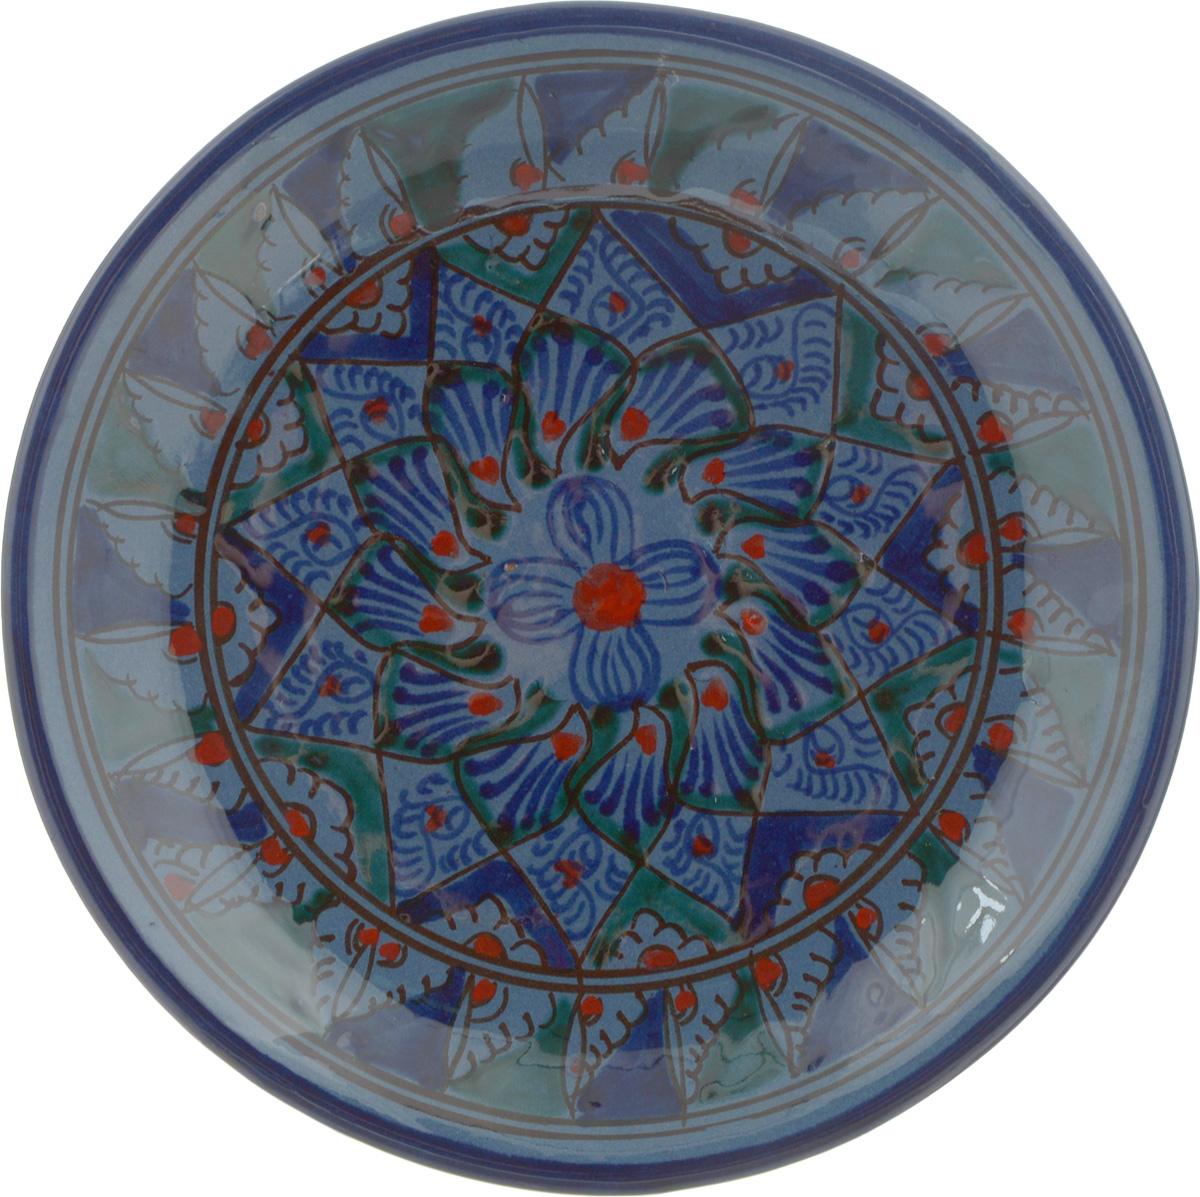 Блюдце Sima-land Риштан, диаметр 15,5 см1233220Блюдце Sima-land Риштан выполнено из высококачественной керамики. Изделие оформлено узором. Изящное блюдце не только красиво оформит стол к чаепитию, но и станет прекрасным подарком друзьям и близким.